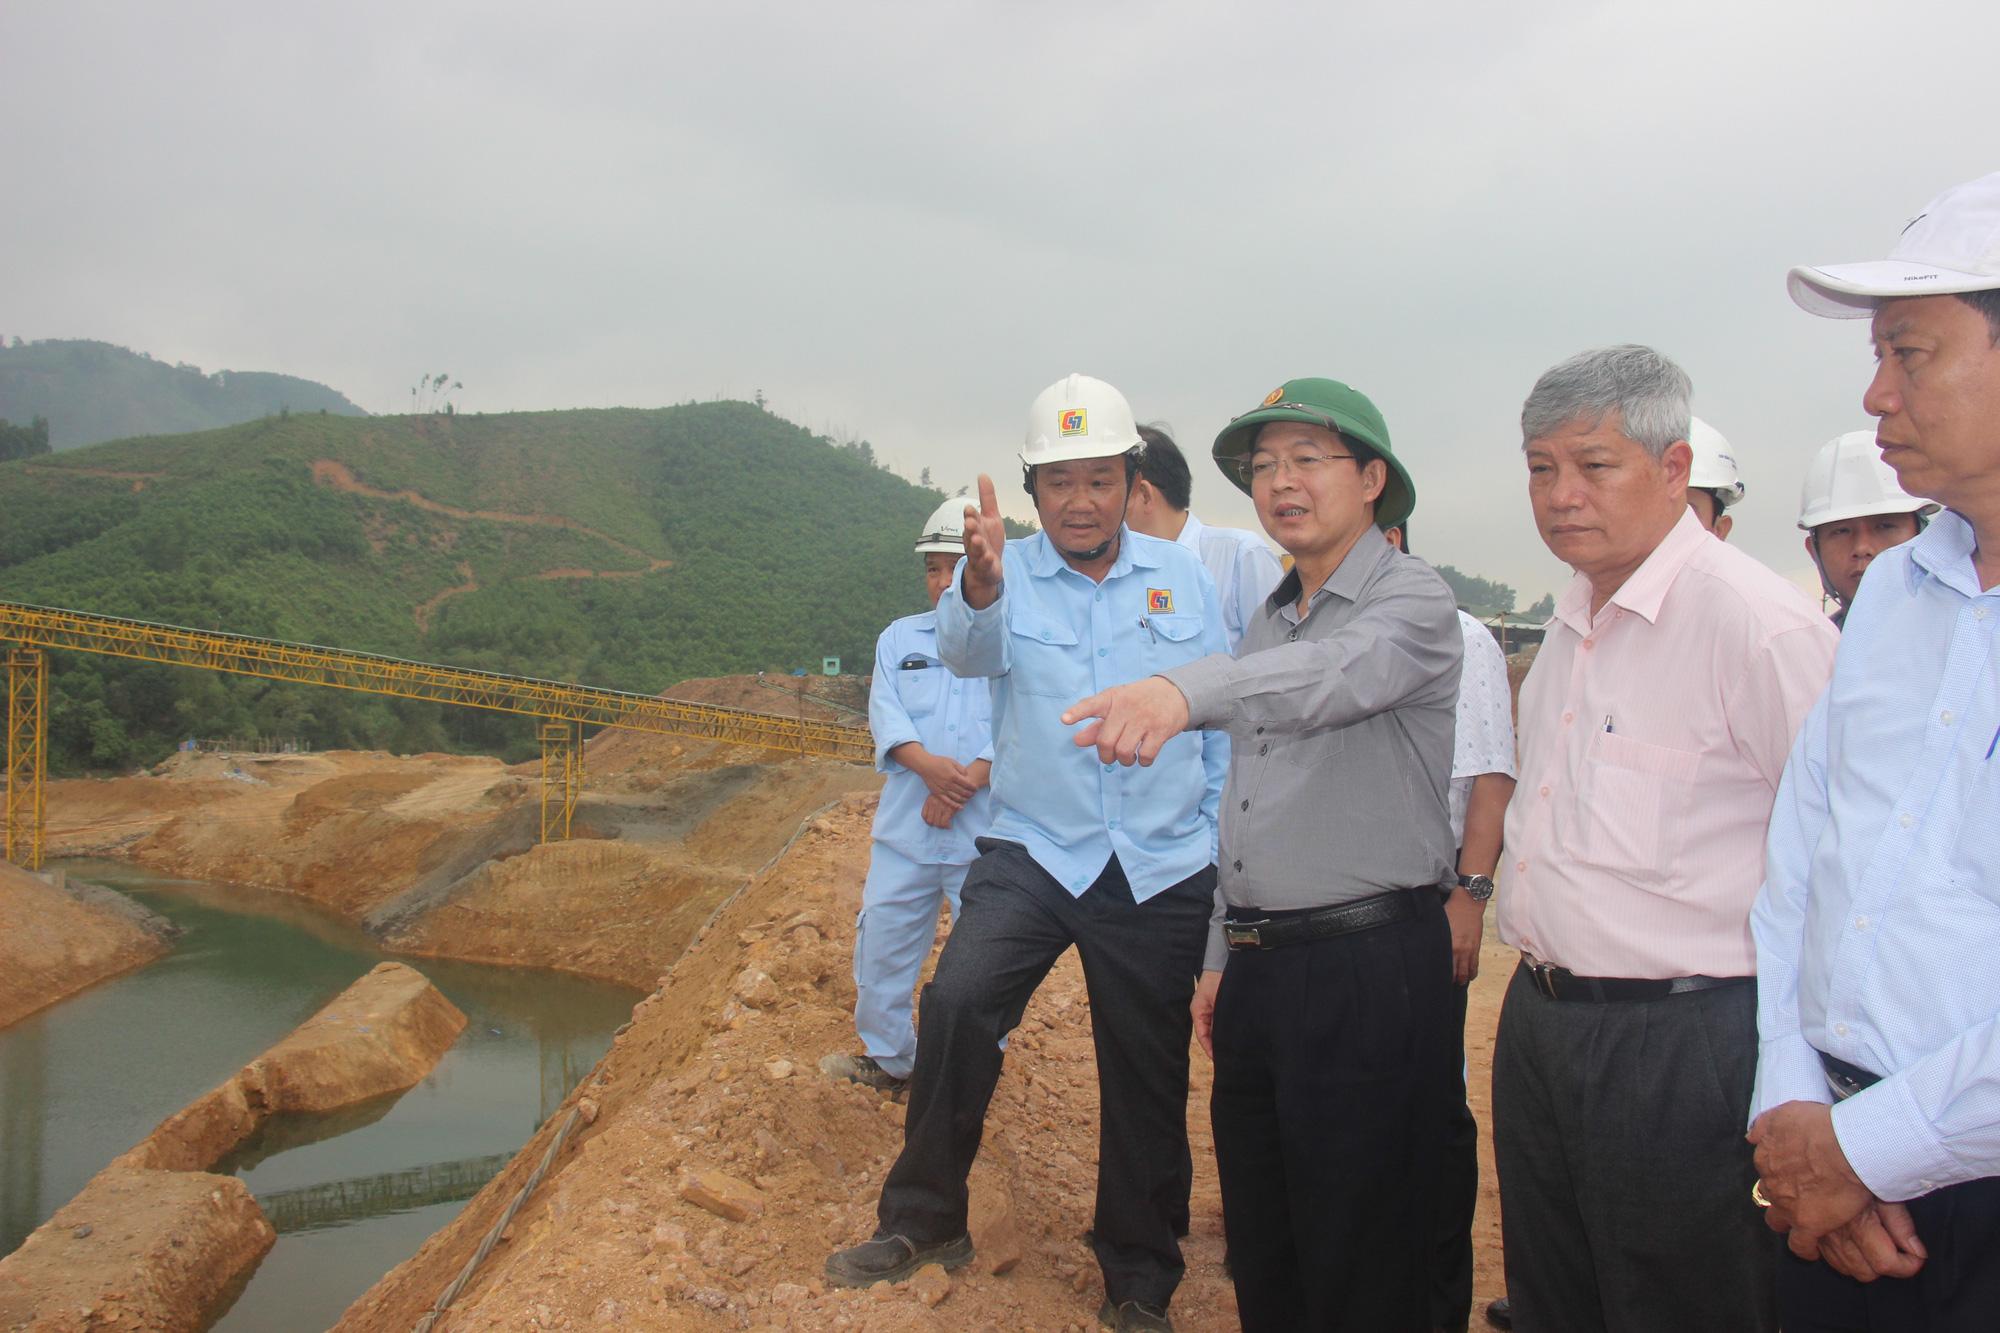 Thủ tướng giao nhiệm vụ 61 xã đạt chuẩn nông thôn mới, Bình Định hoàn thành vượt chỉ tiêu  - Ảnh 3.